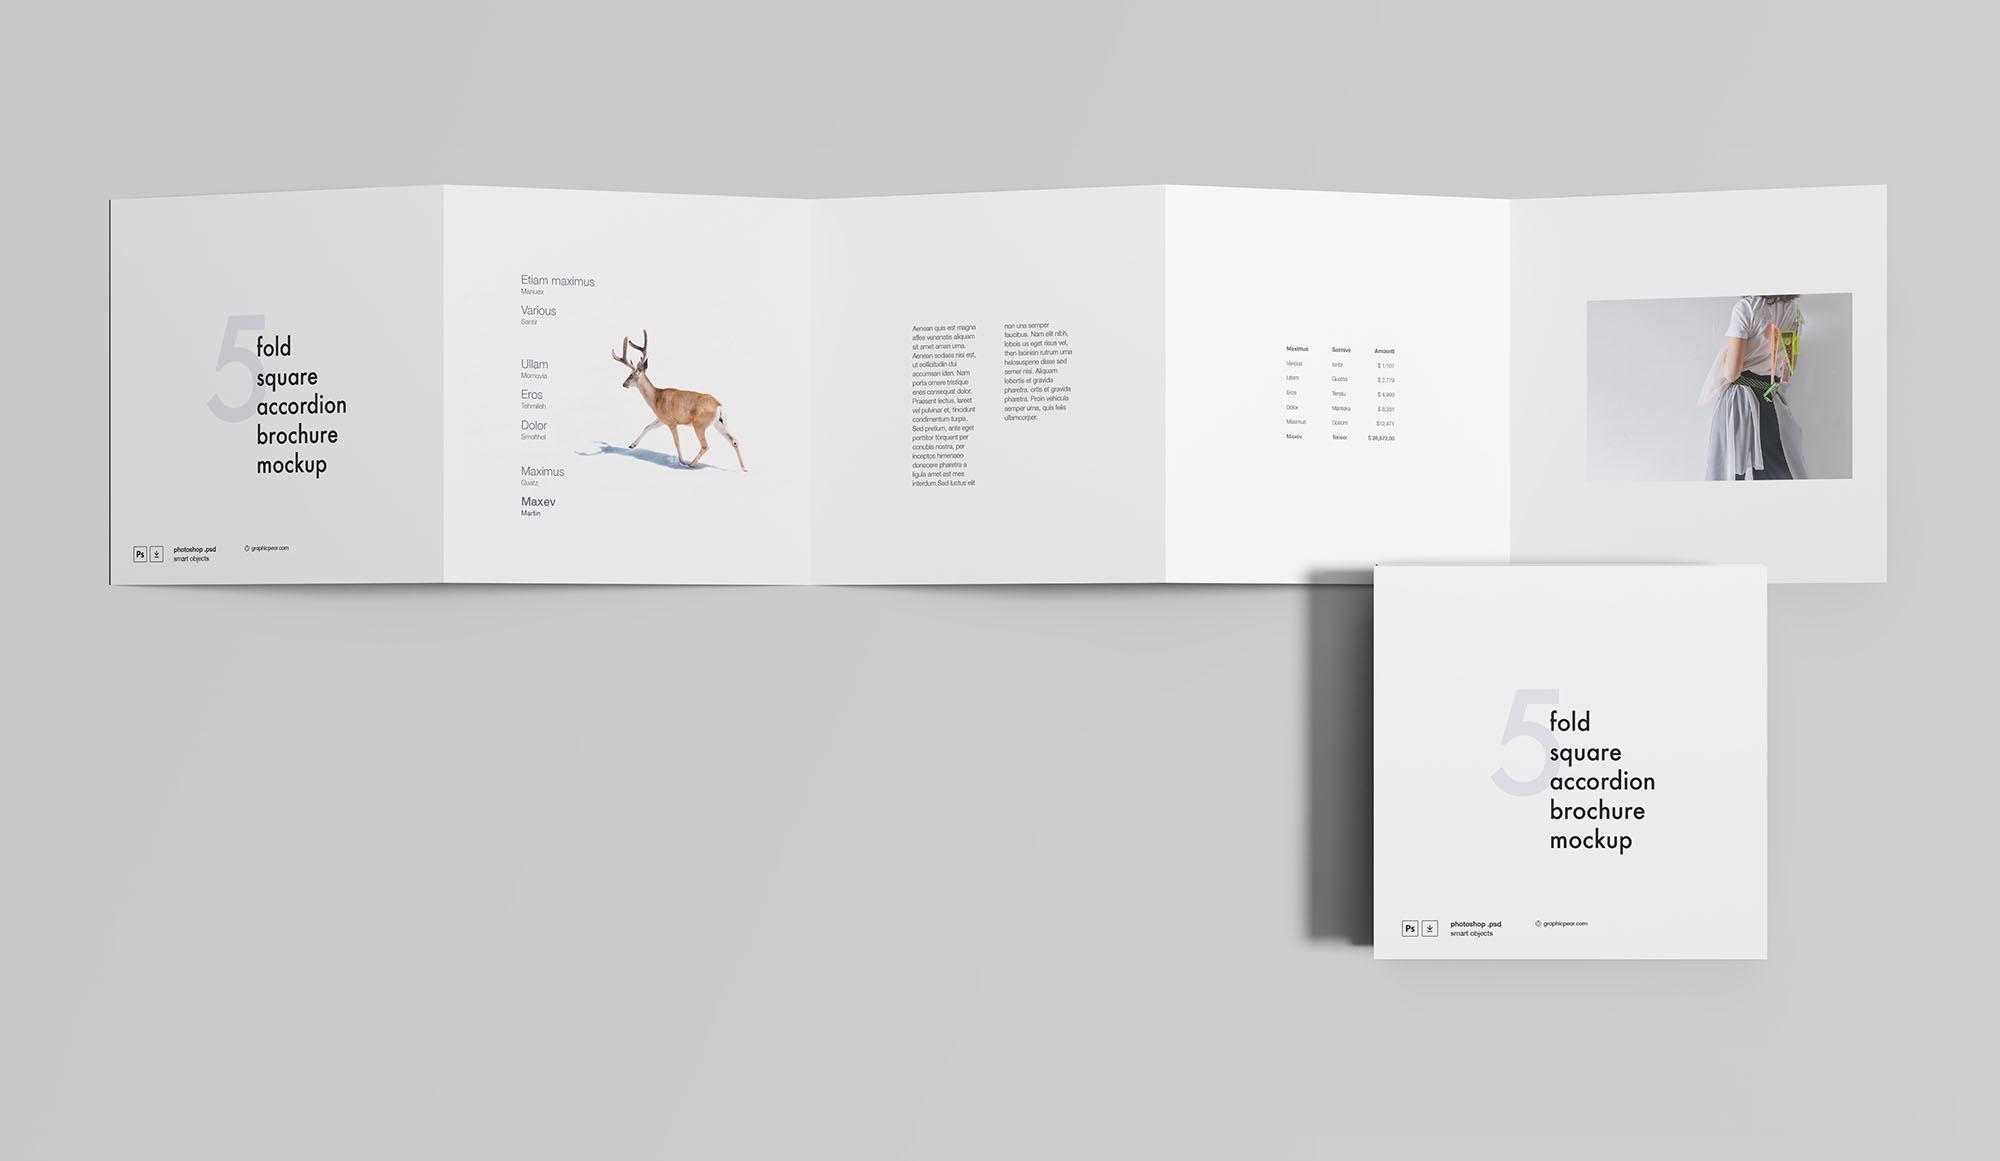 五折页宣传广告模板 - PSD源文件素材下载